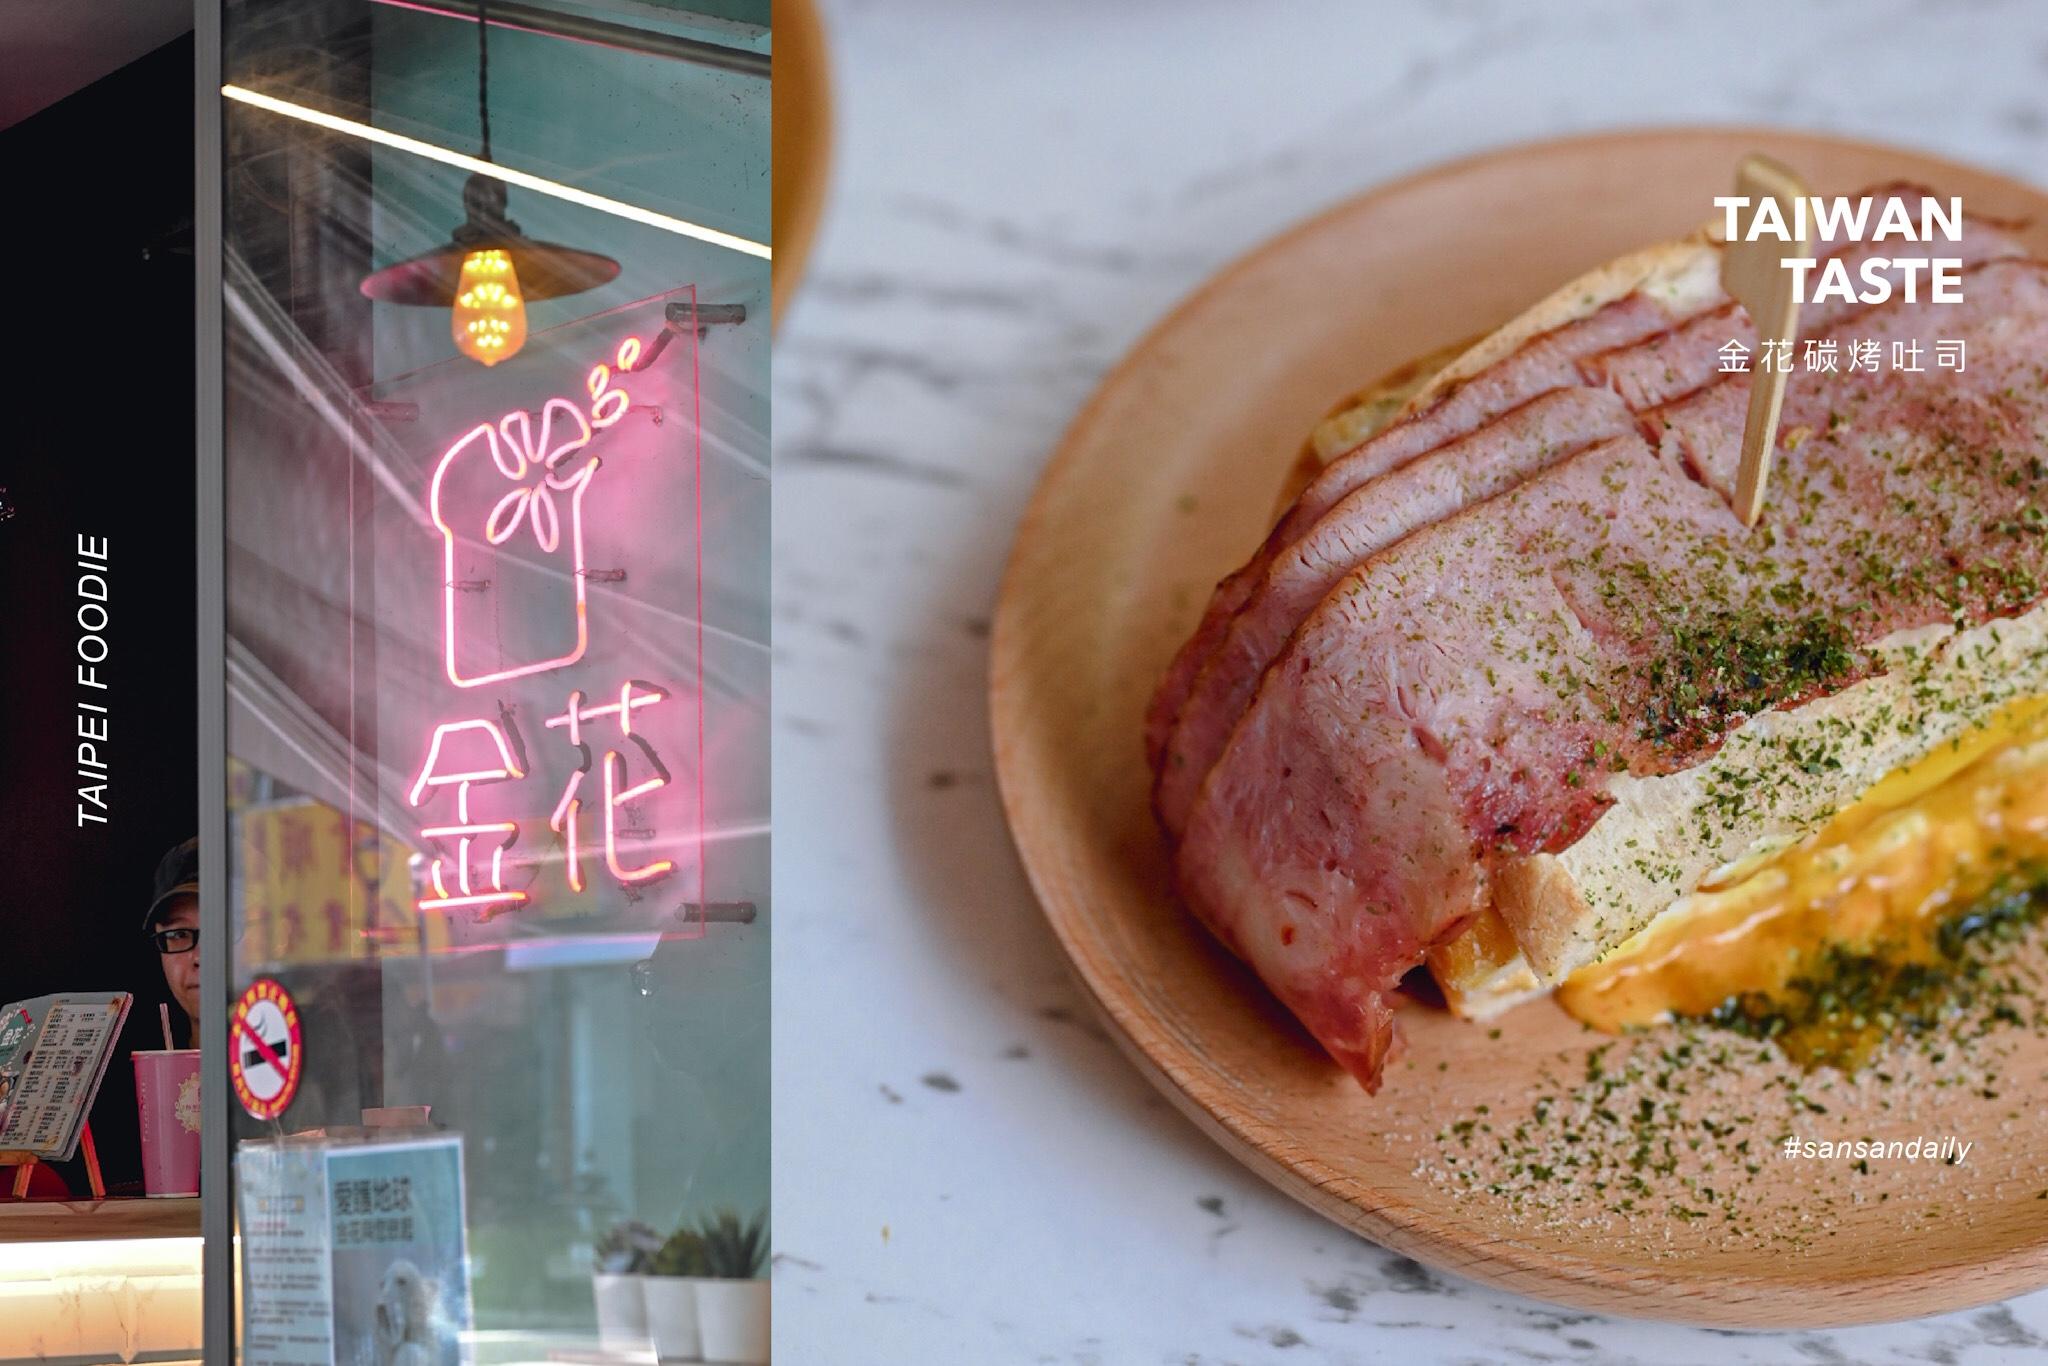 走吧!去吃早餐 金花碳烤吐司專賣 西門町早午餐推薦(附菜單)|sansan吃台北